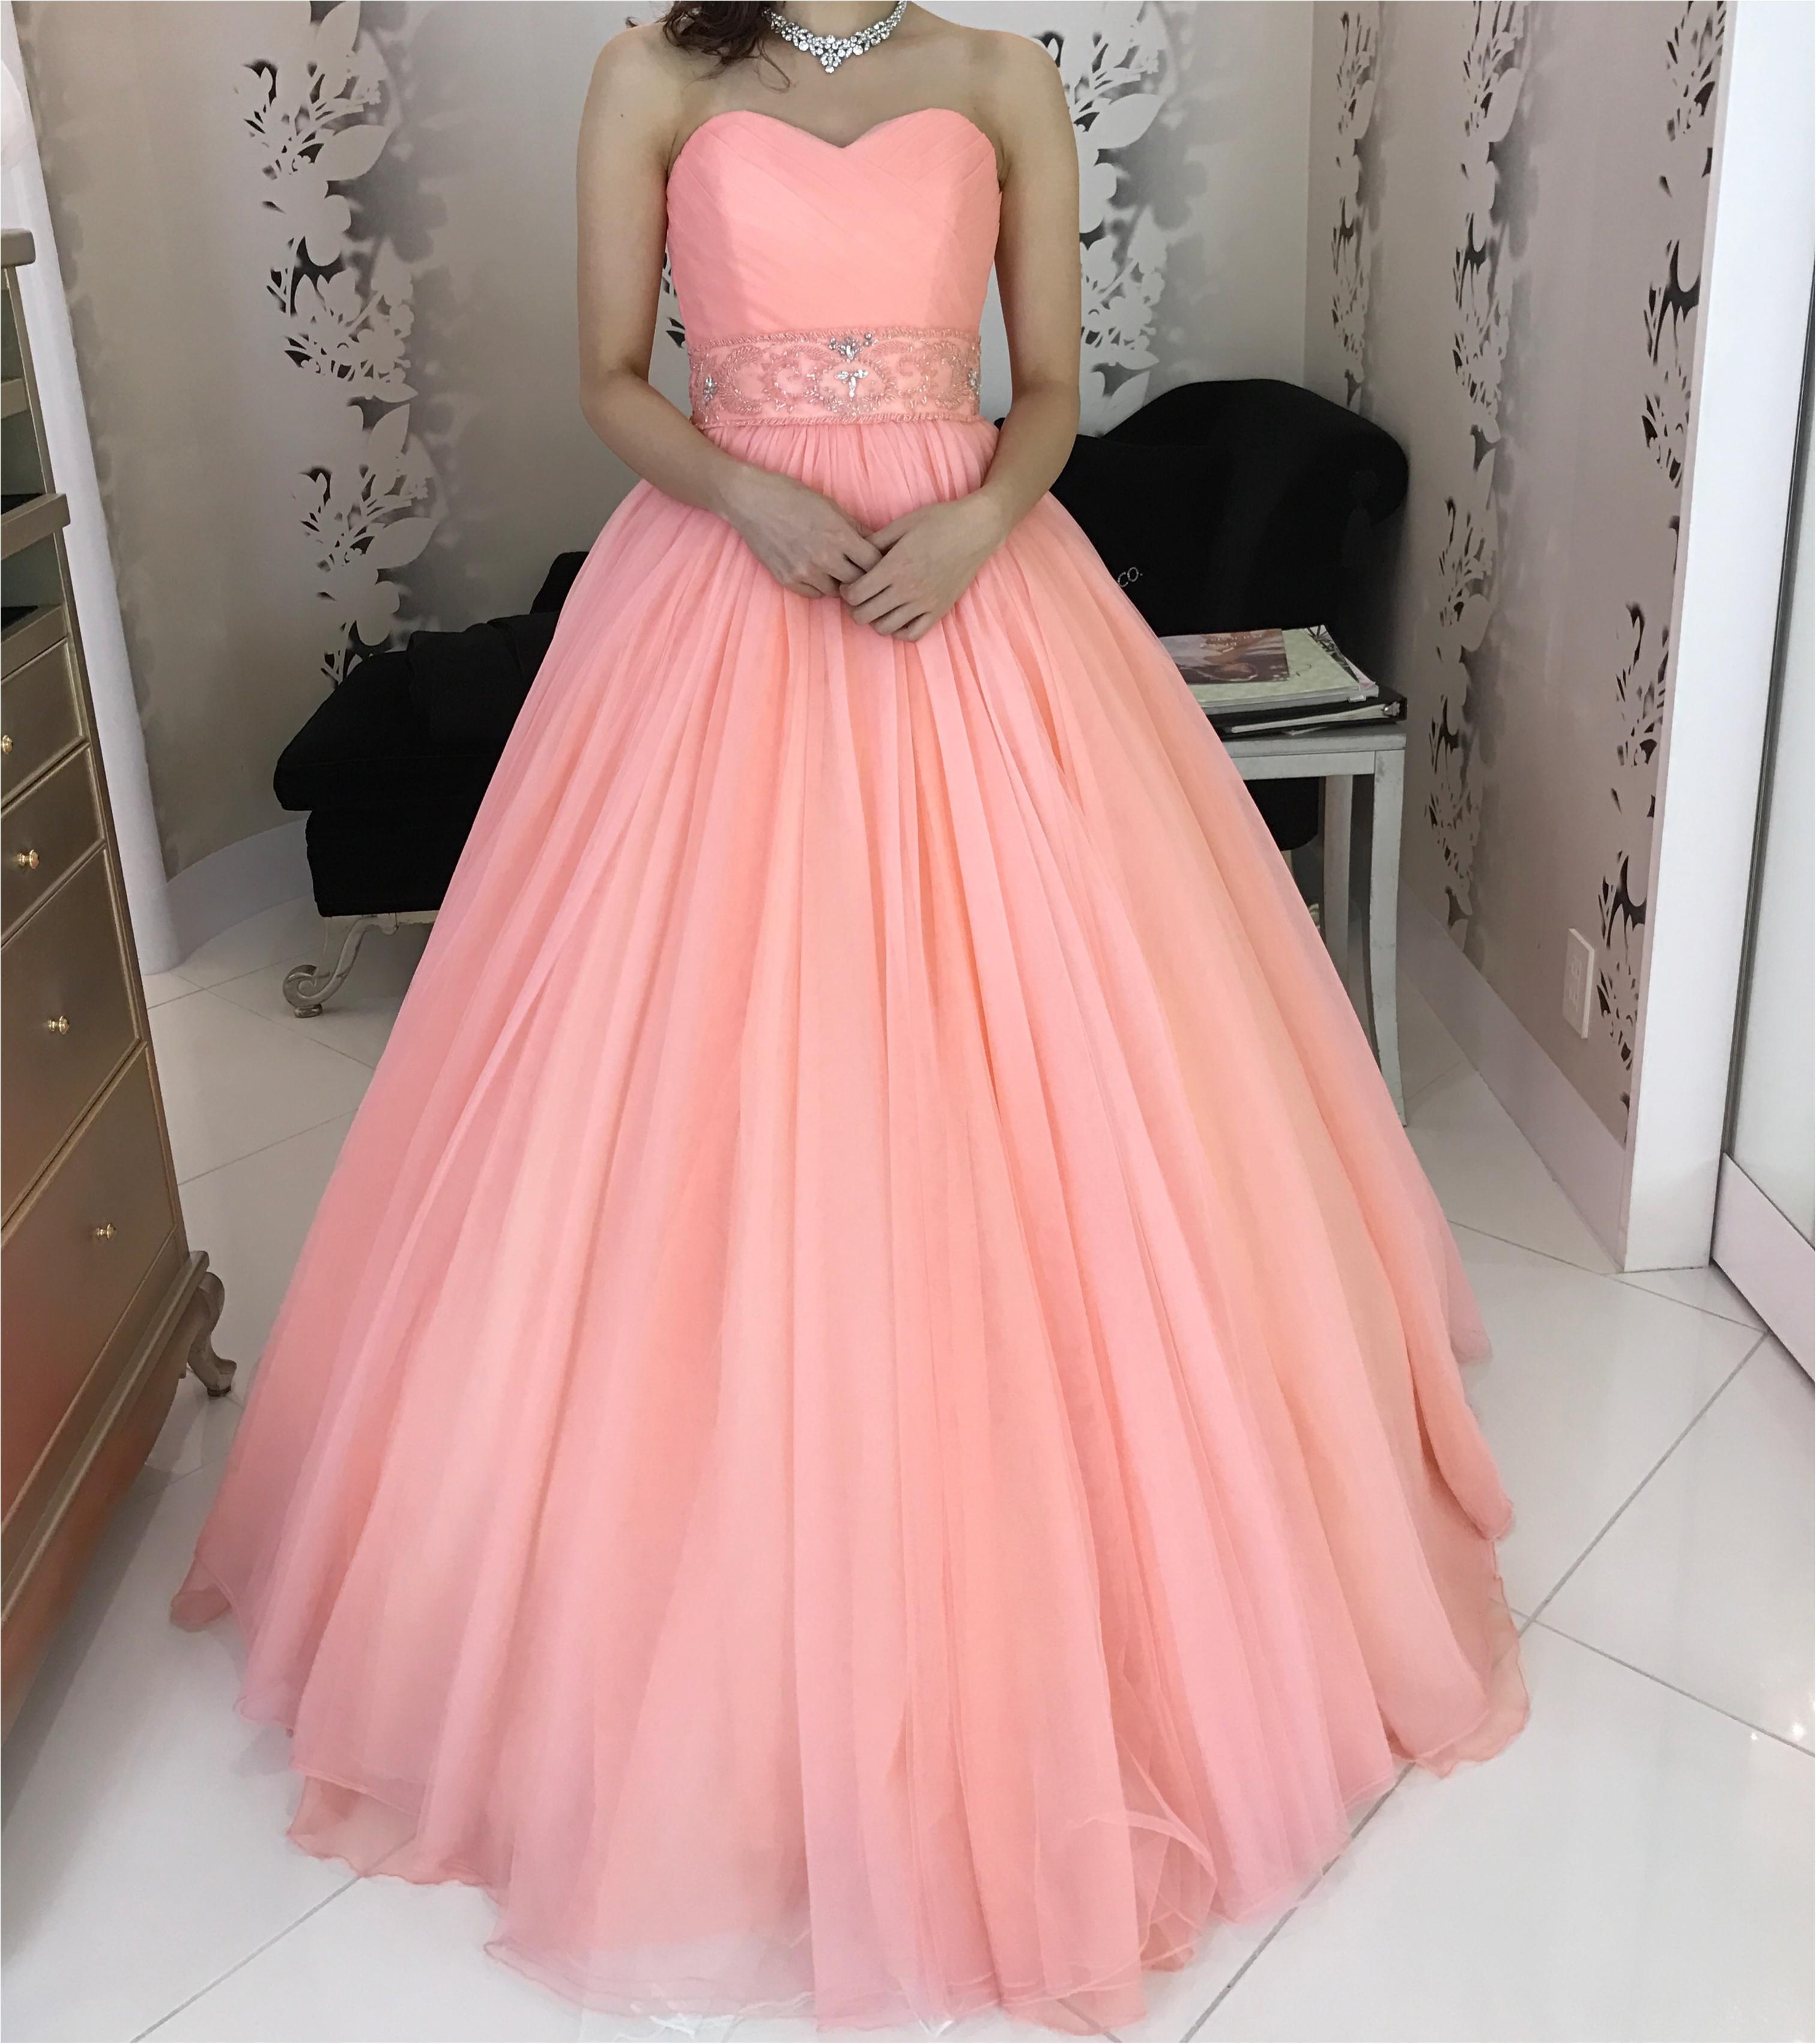 春の挙式にぴったりな春色カラーのドレス♡モアはぴ世代にも甘すぎないのがポイント♡_2